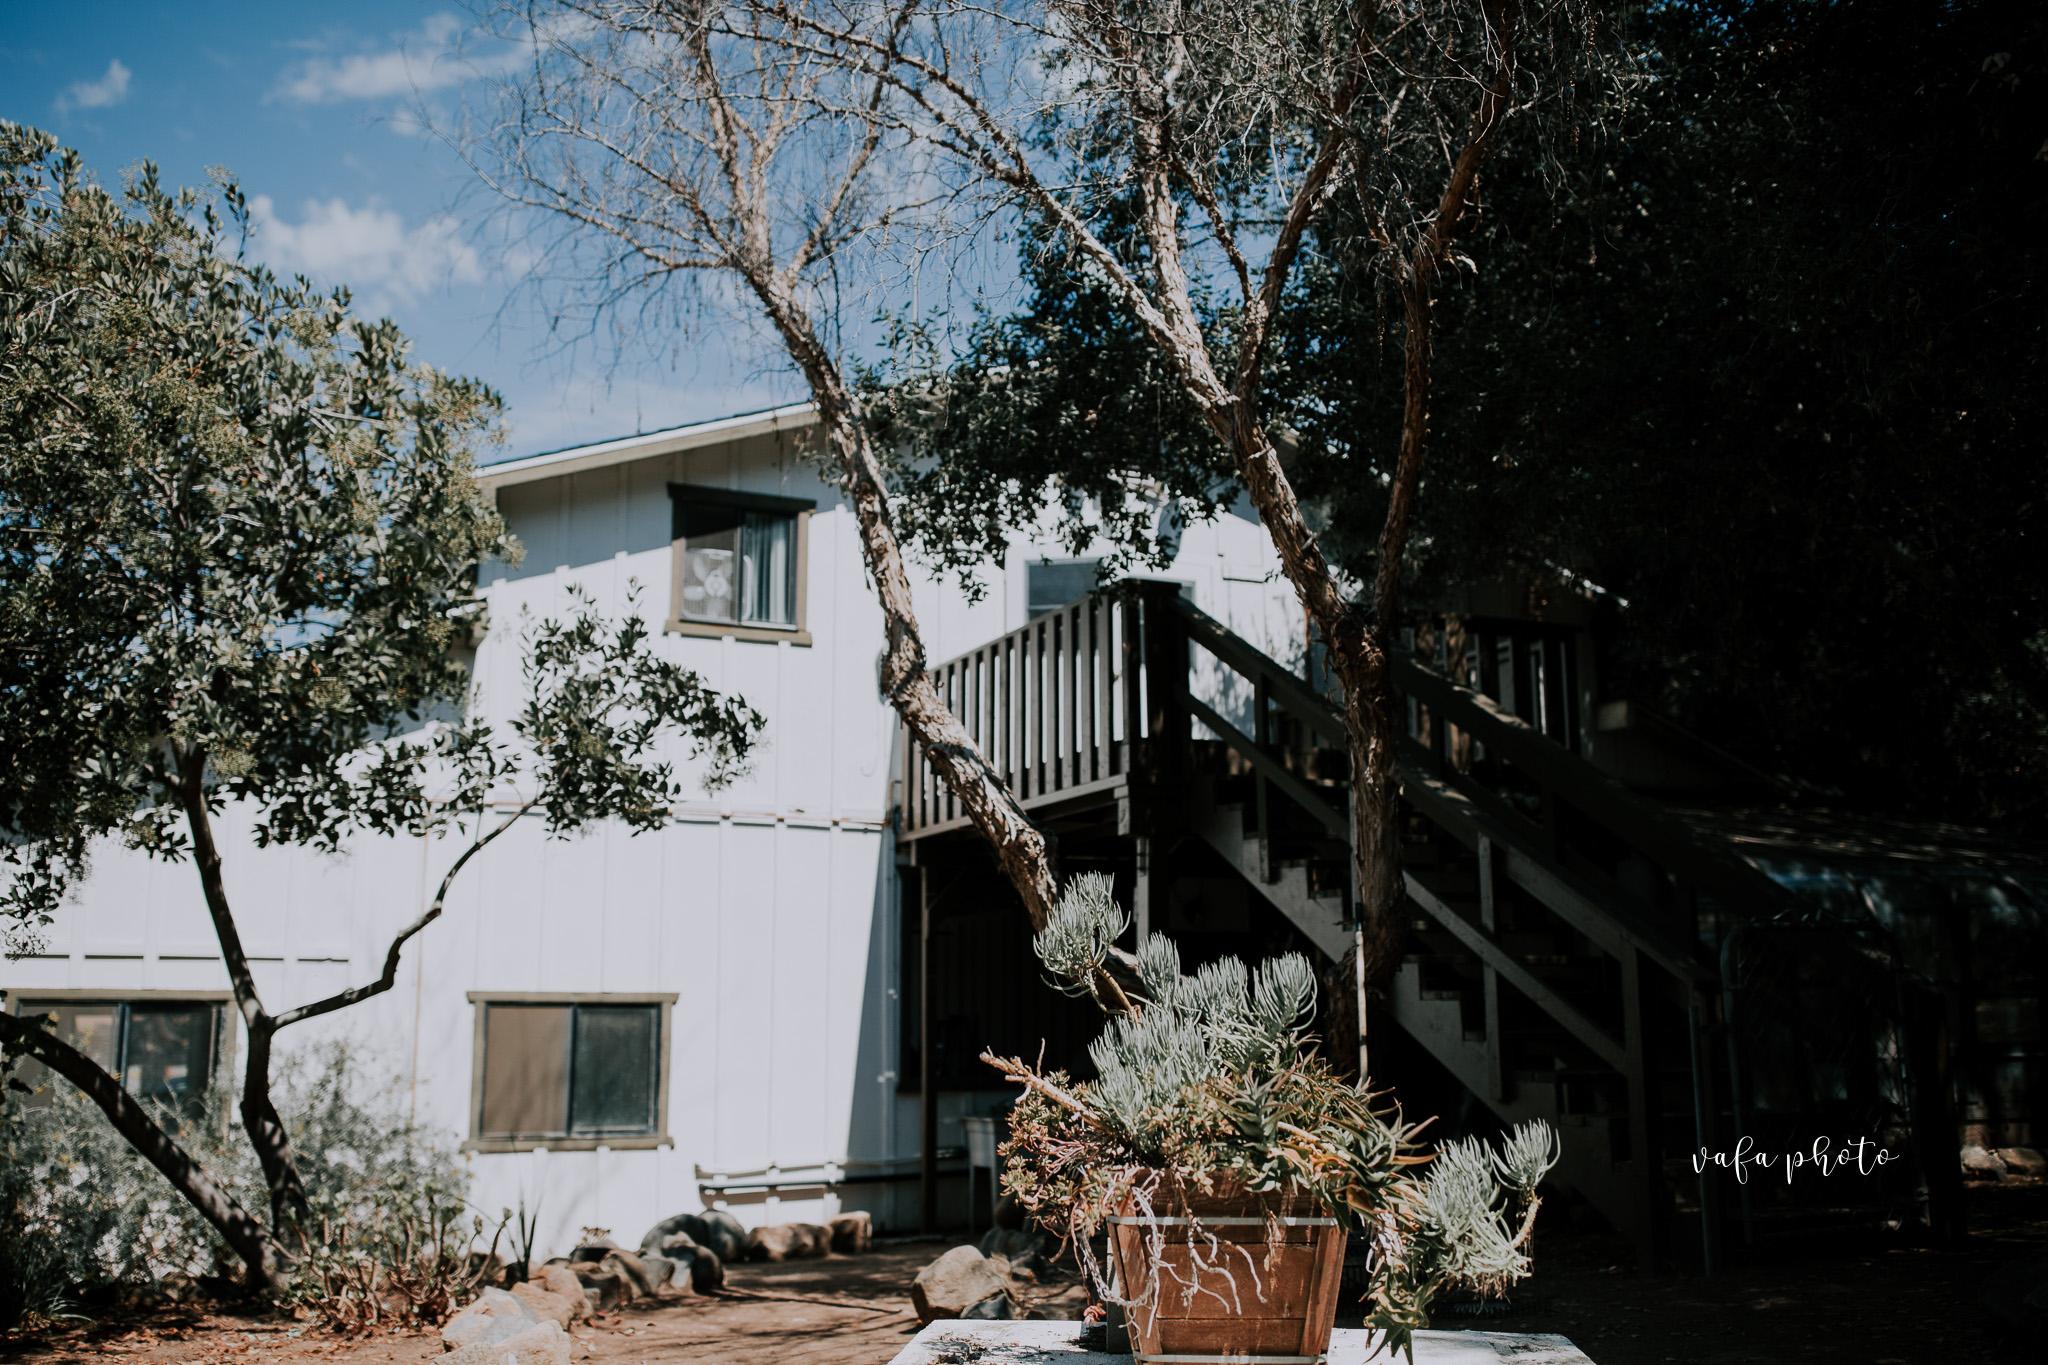 Southern-California-Wedding-Britt-Nilsson-Jeremy-Byrne-Vafa-Photo-8.jpg